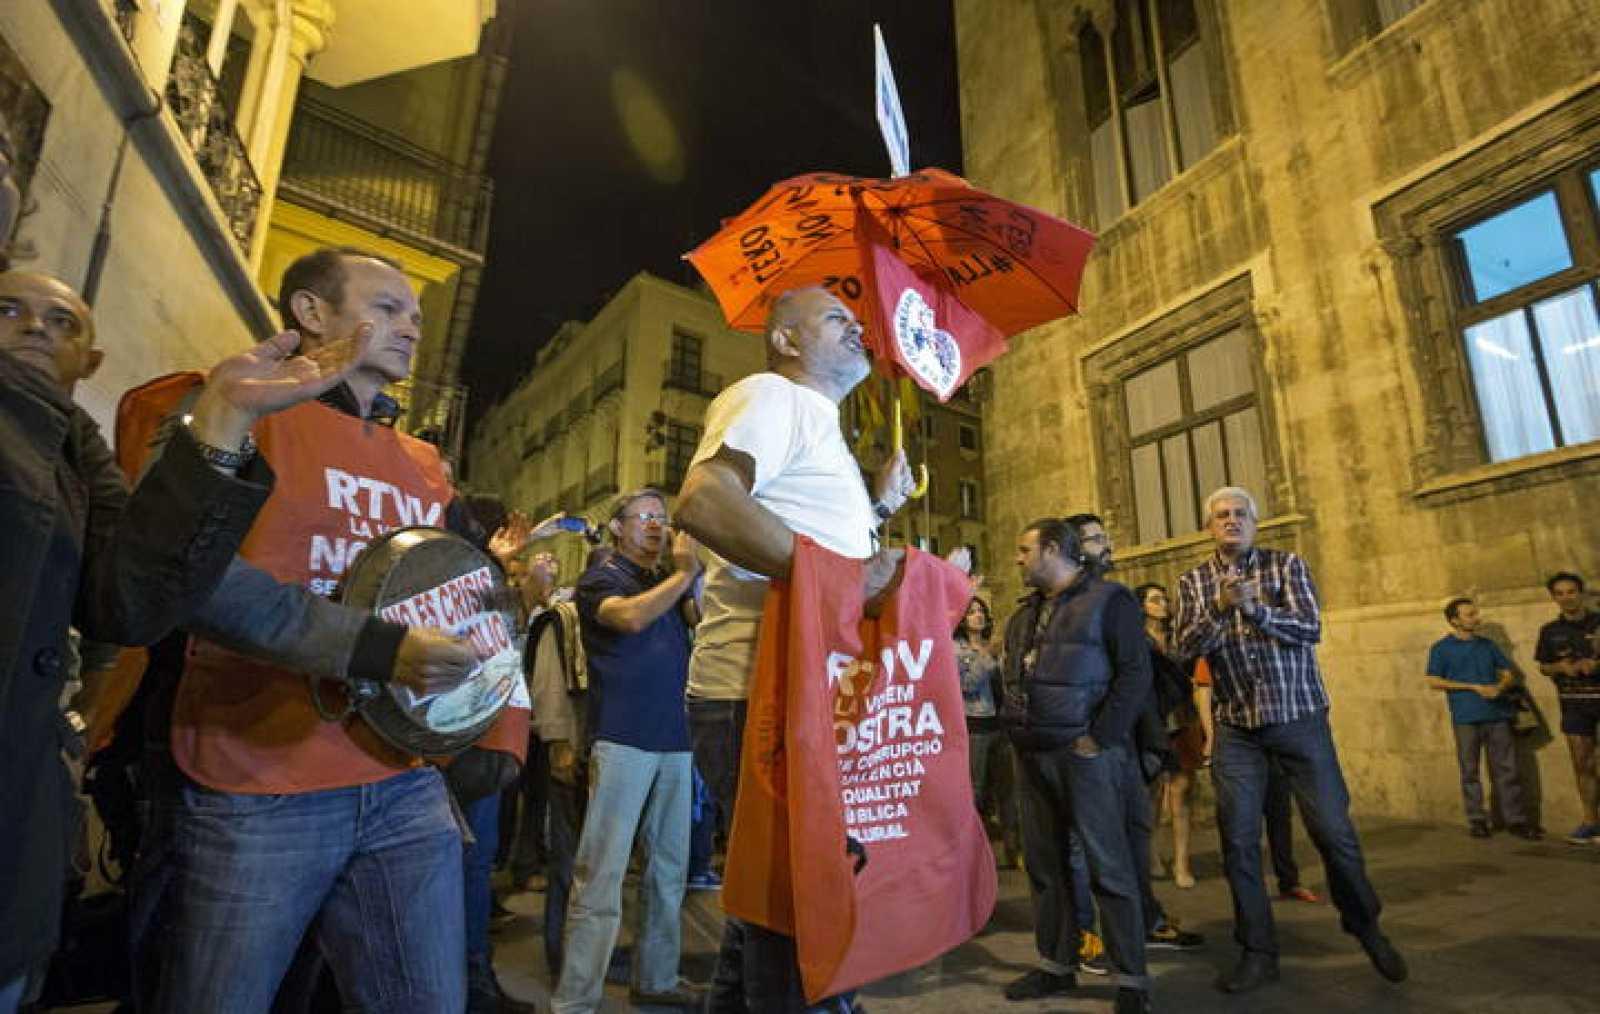 PROTESTA DE TRABAJADORES DE RTVV TRAS ANUNCIO DE CIERRE